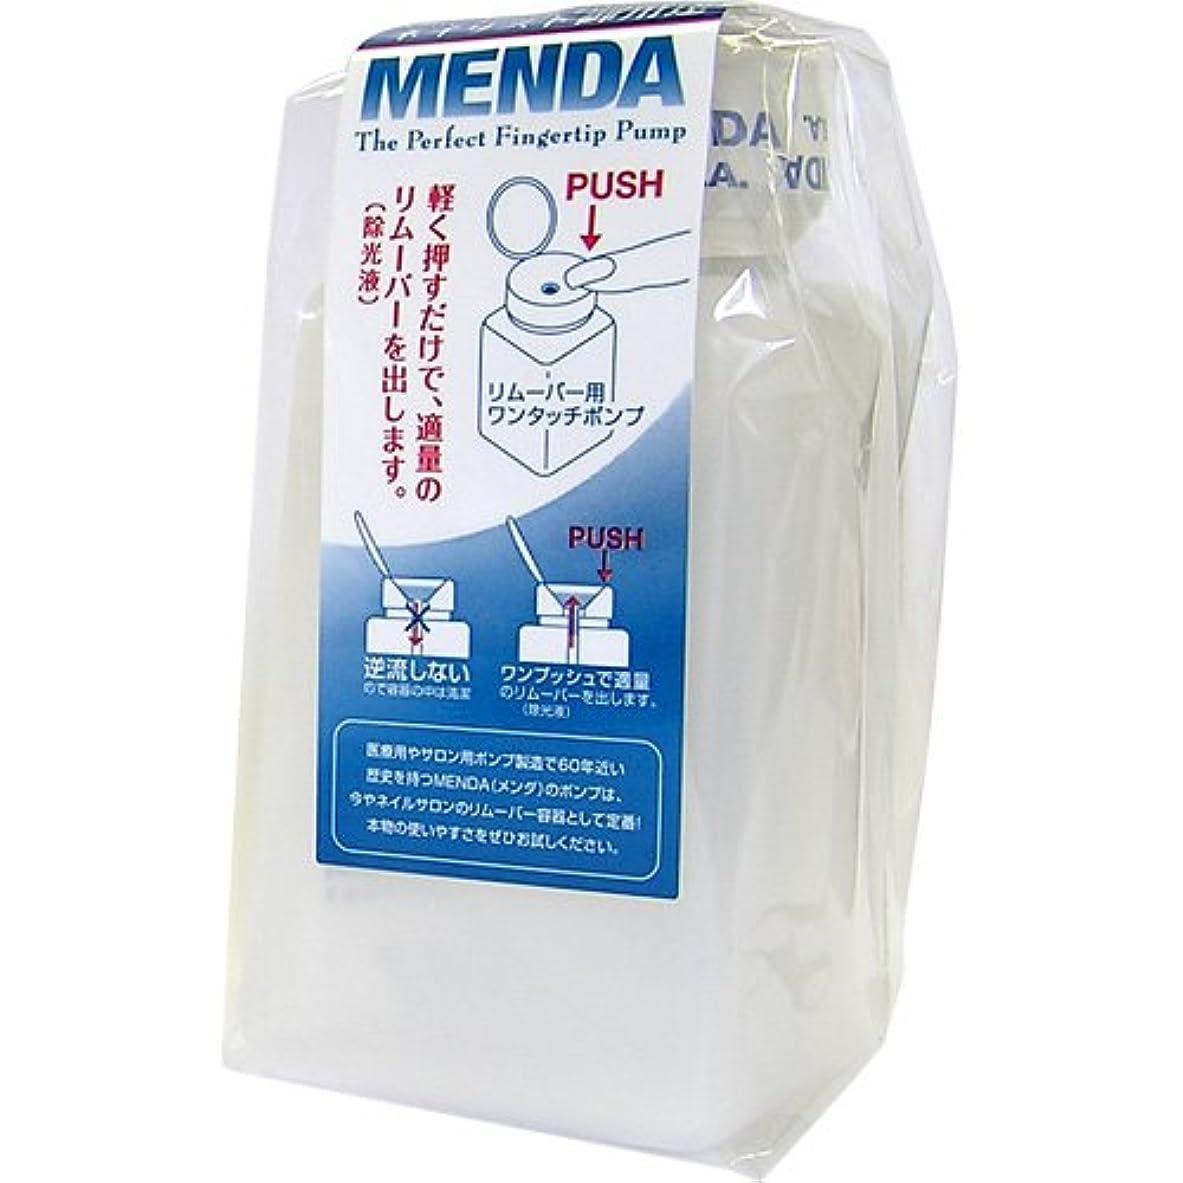 足枷彼手段メンダ<MENDA>リムーバー用ワンタッチポンプ180ml(6oz)